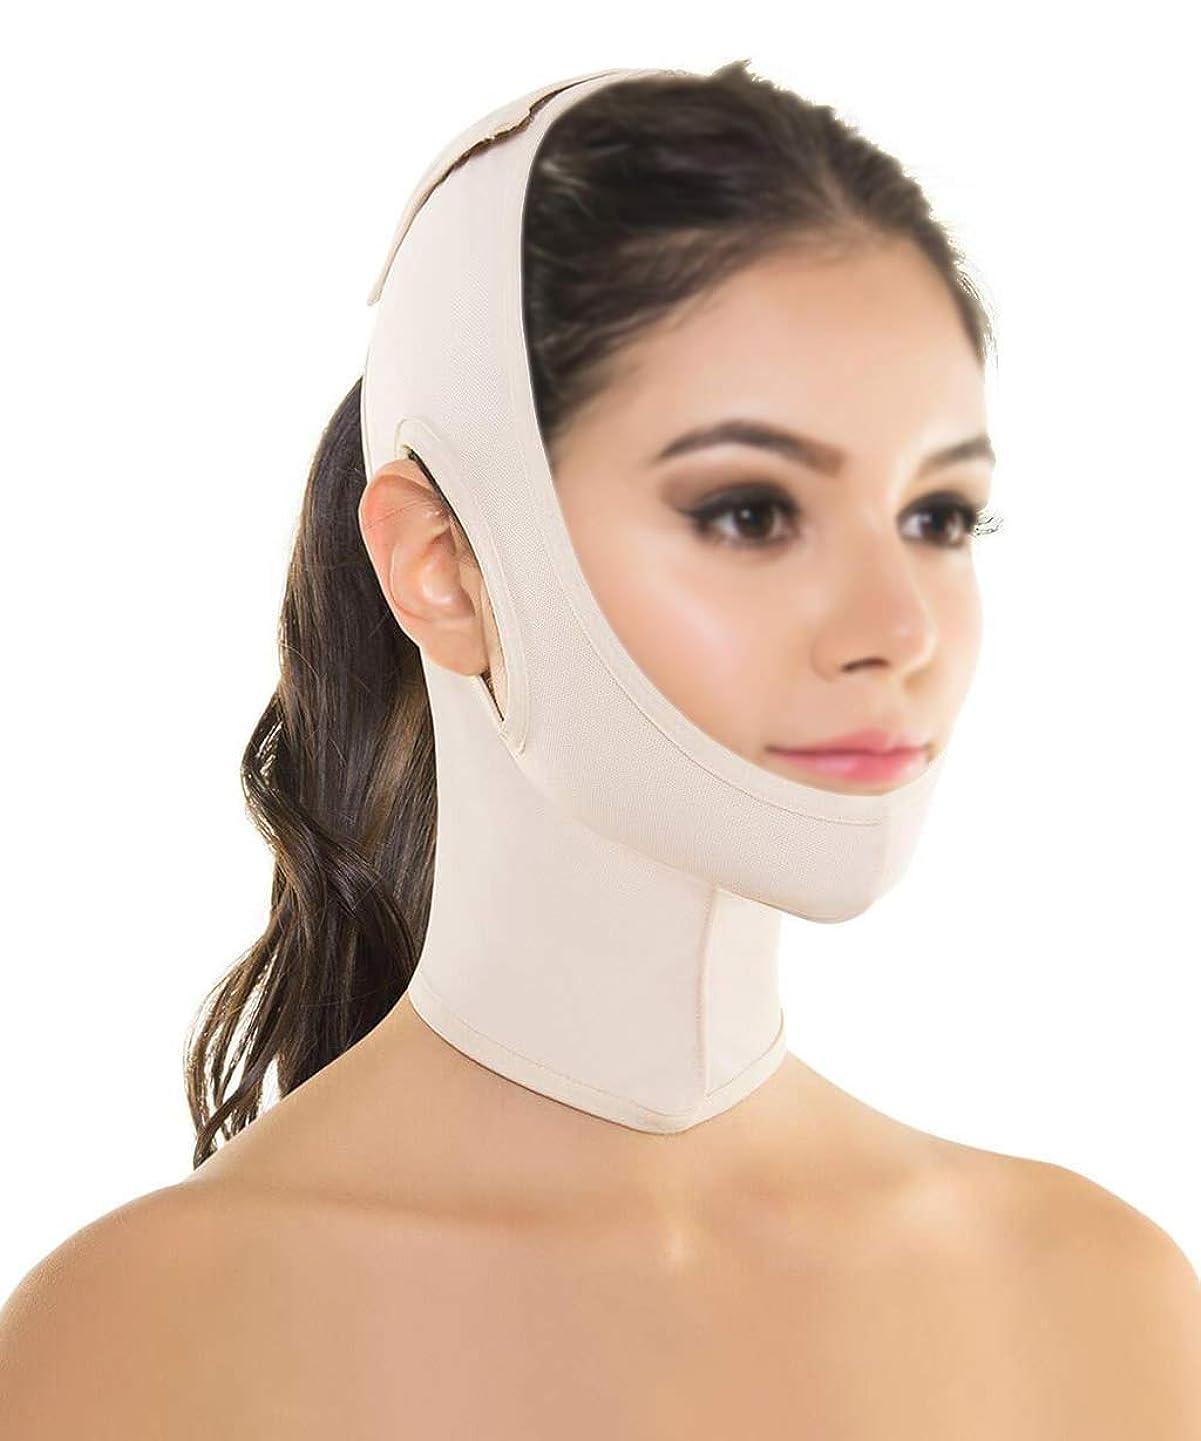 デンマークむしゃむしゃ展望台TLMY フェイシャルリフティングマスクシリコンVマスクリフティングマスクシンフェイスアーティファクトリフティングダブルチン術後包帯フェイシャル&ネックリフティング 顔用整形マスク (Color : Skin tone)